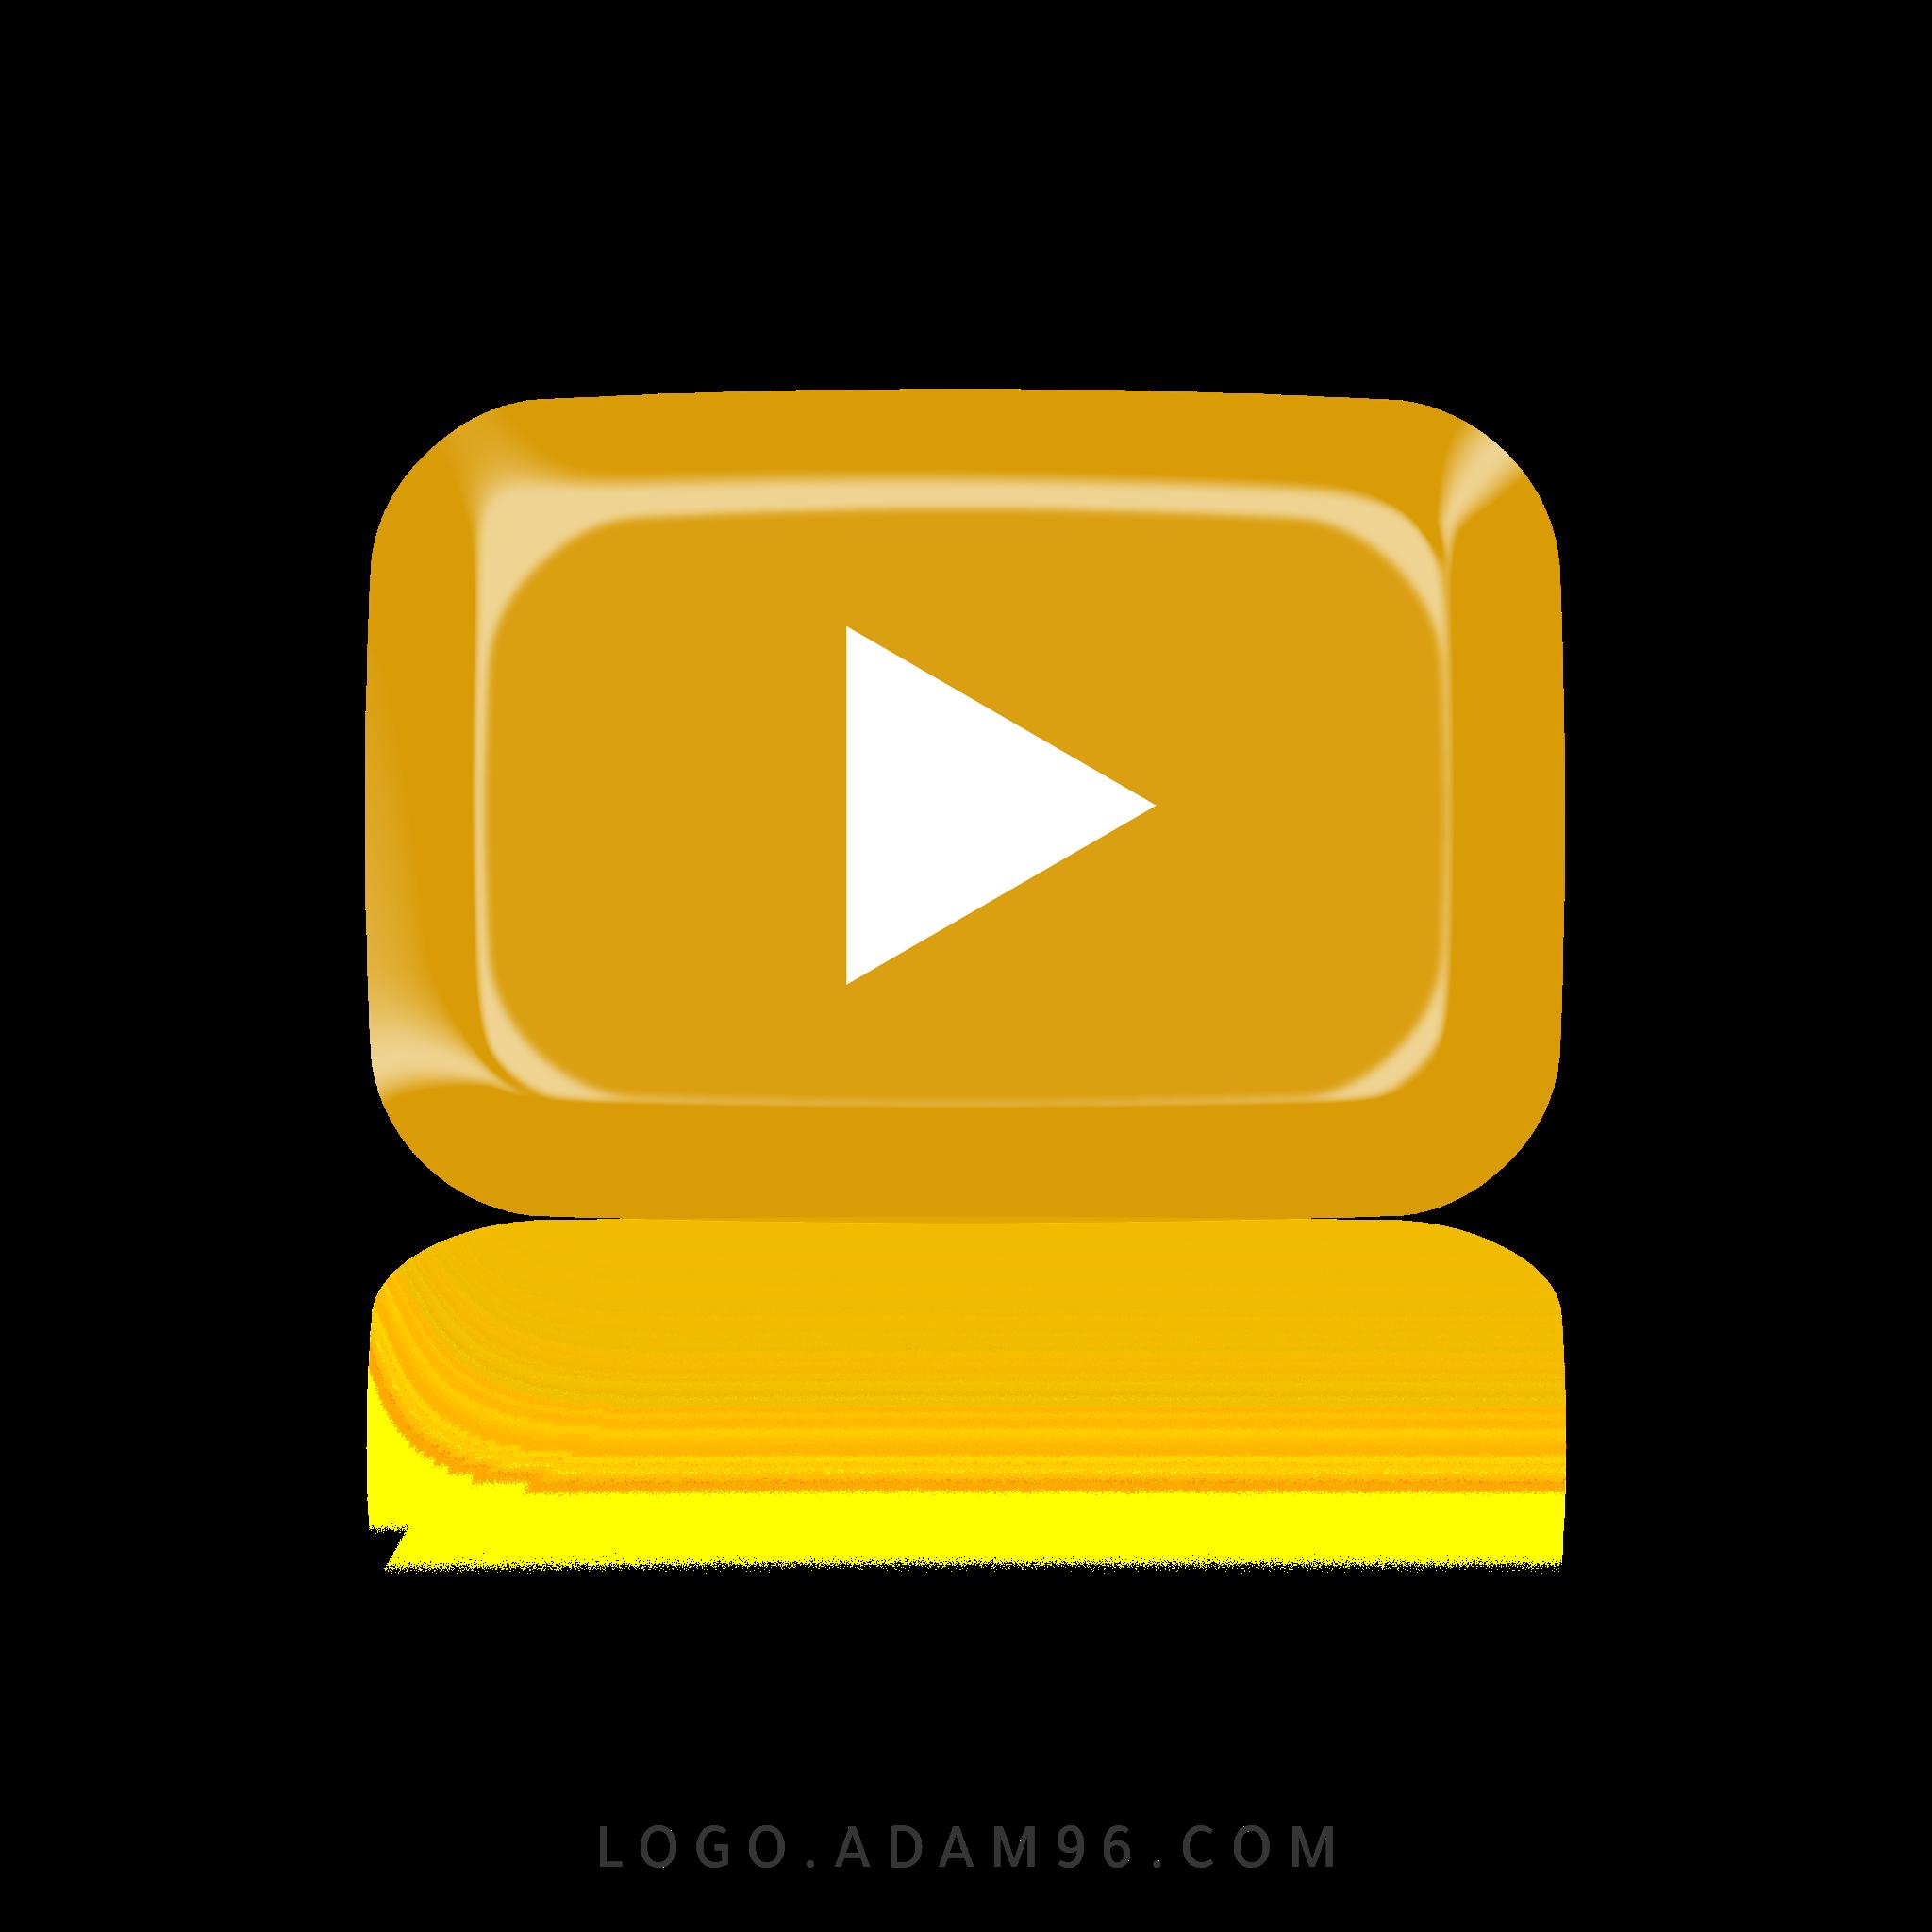 تحميل شعار يوتيوب الذهبي لوجو يوتيوب بصيغة شفافة Logo YouTube PNG